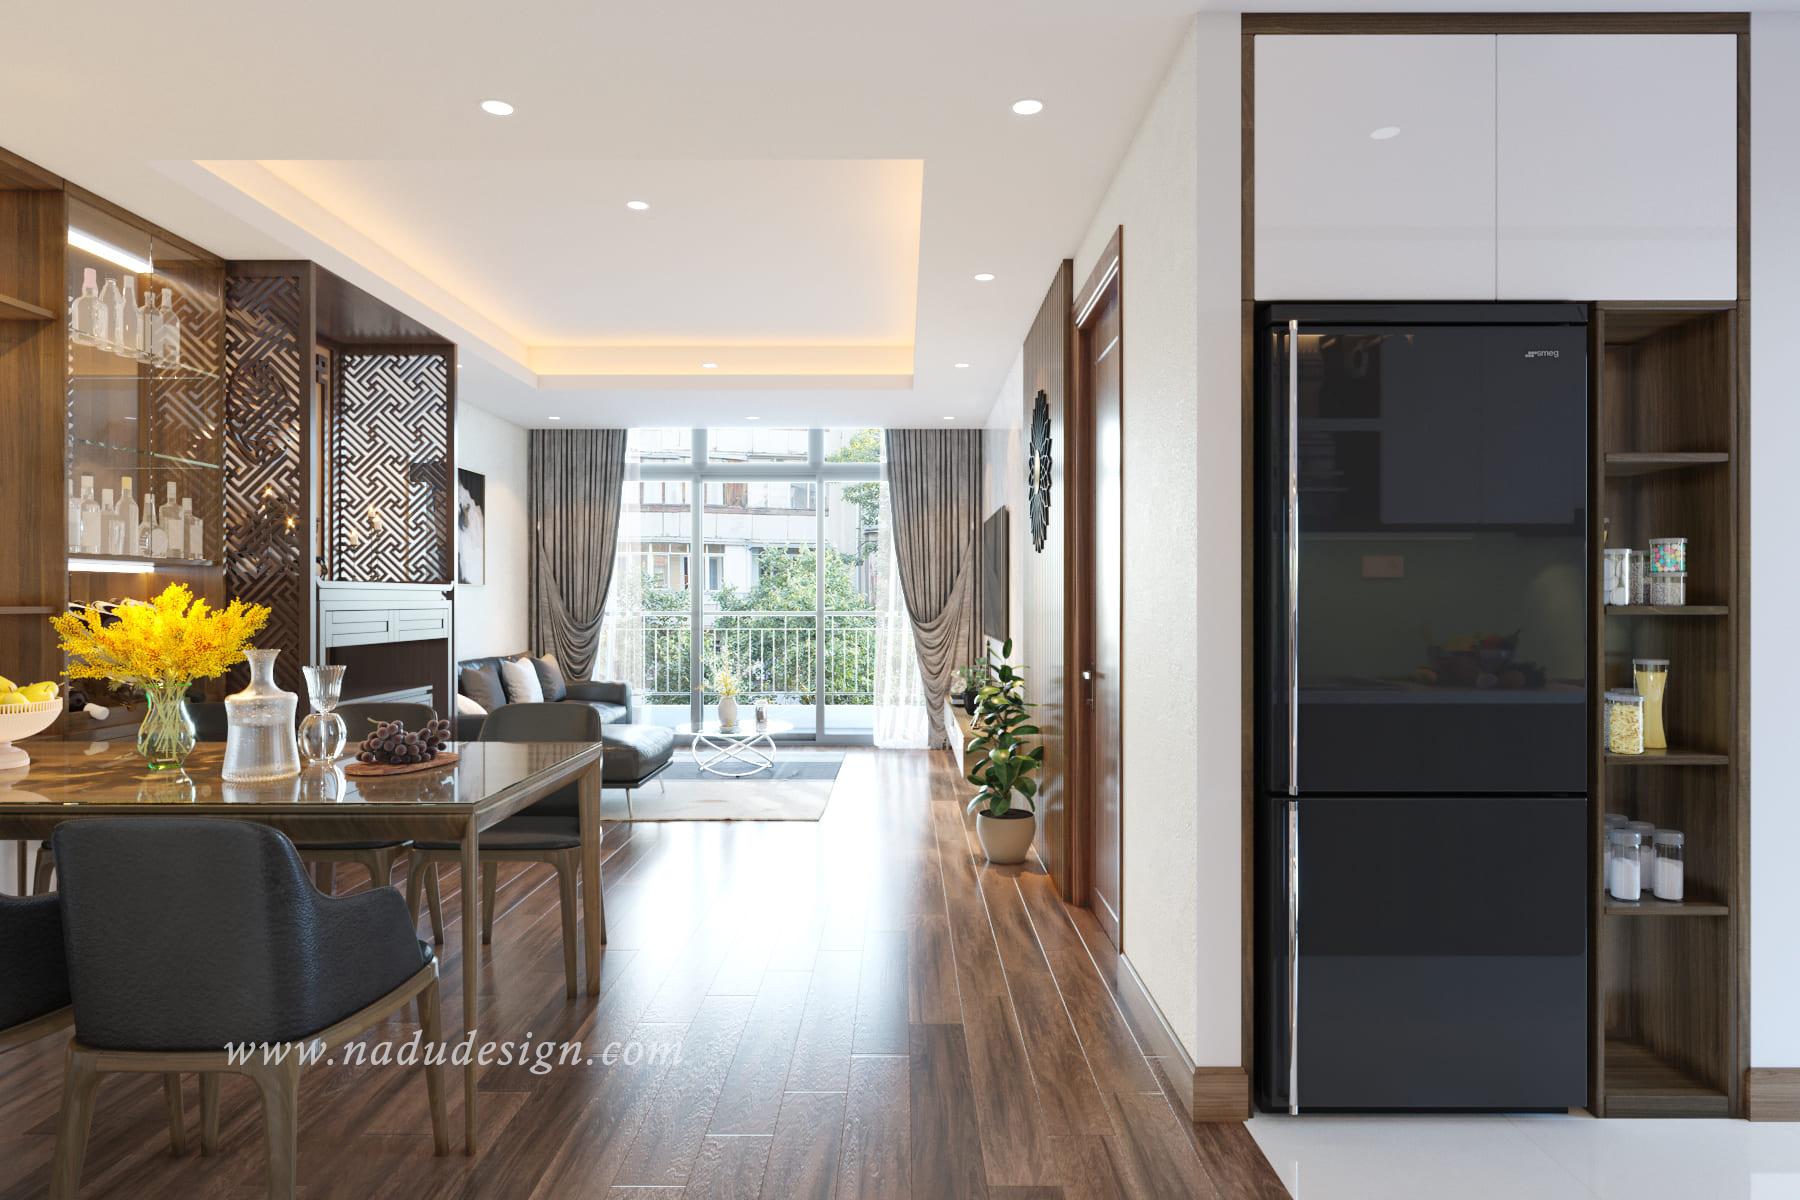 thiết kế nội thất chung cư cho phòng bếp